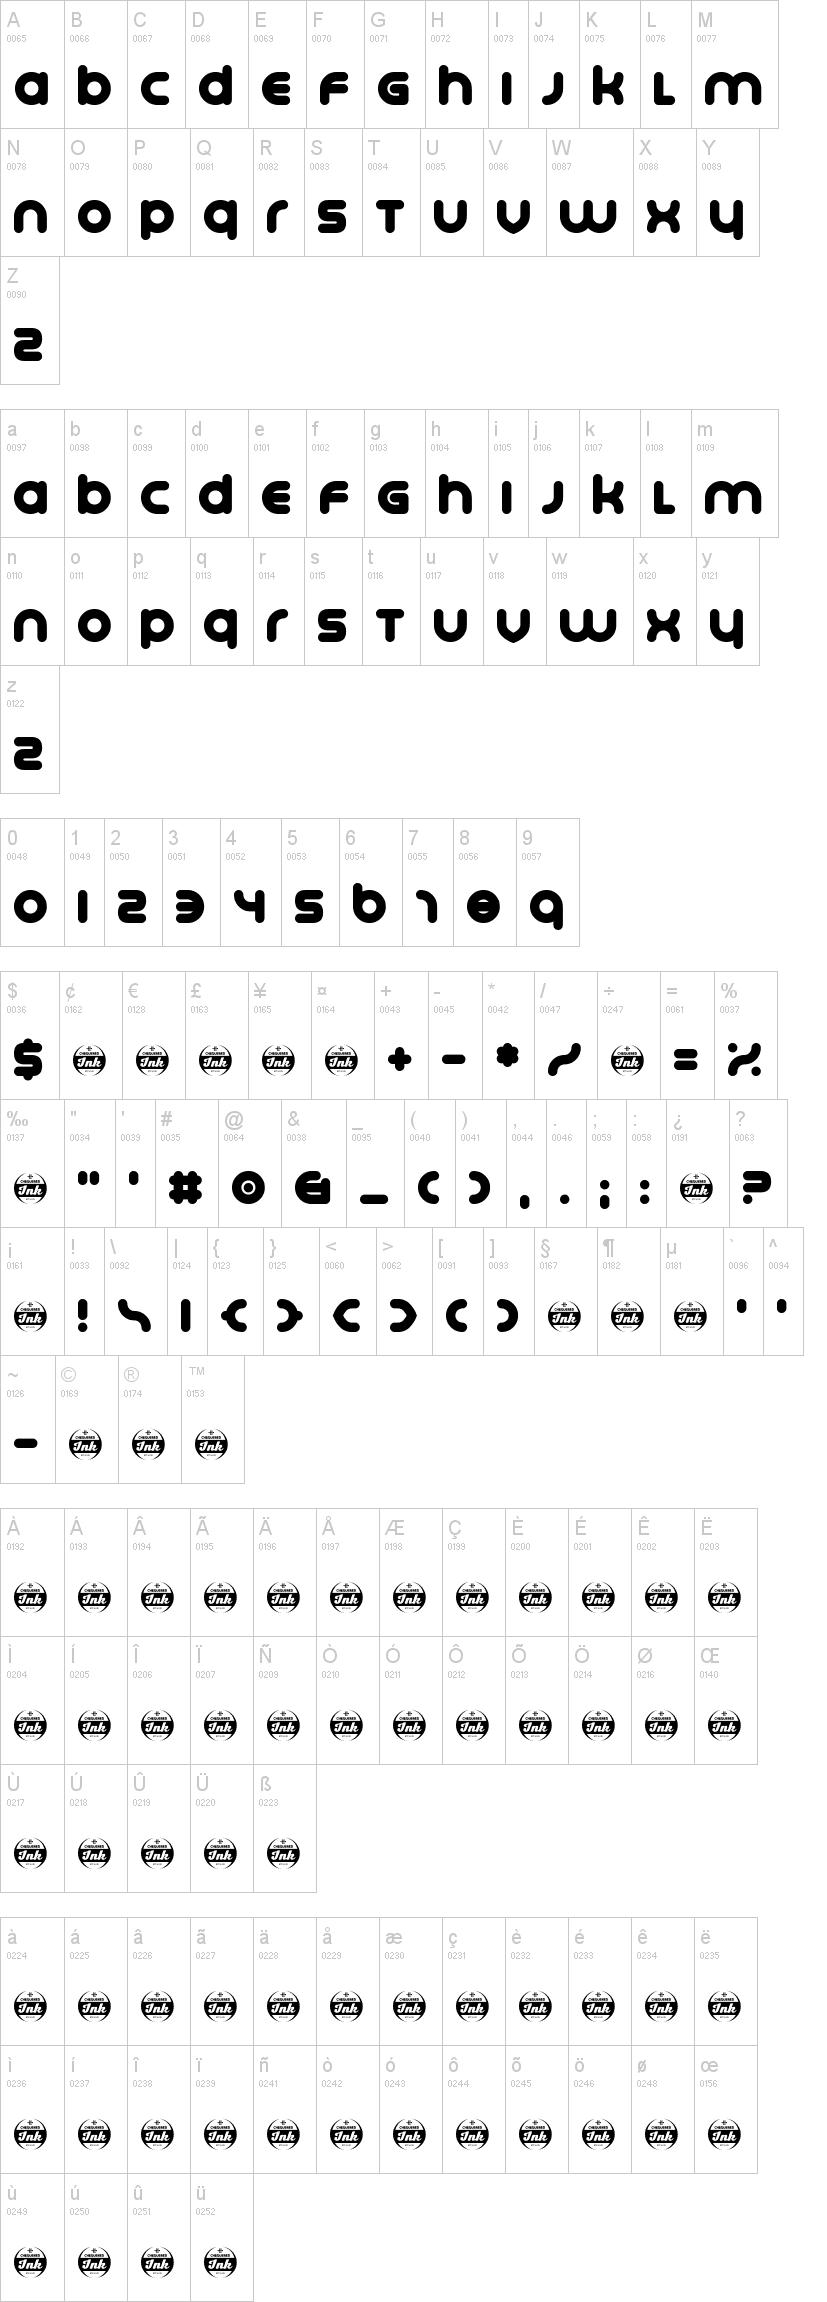 Platonica Font-1